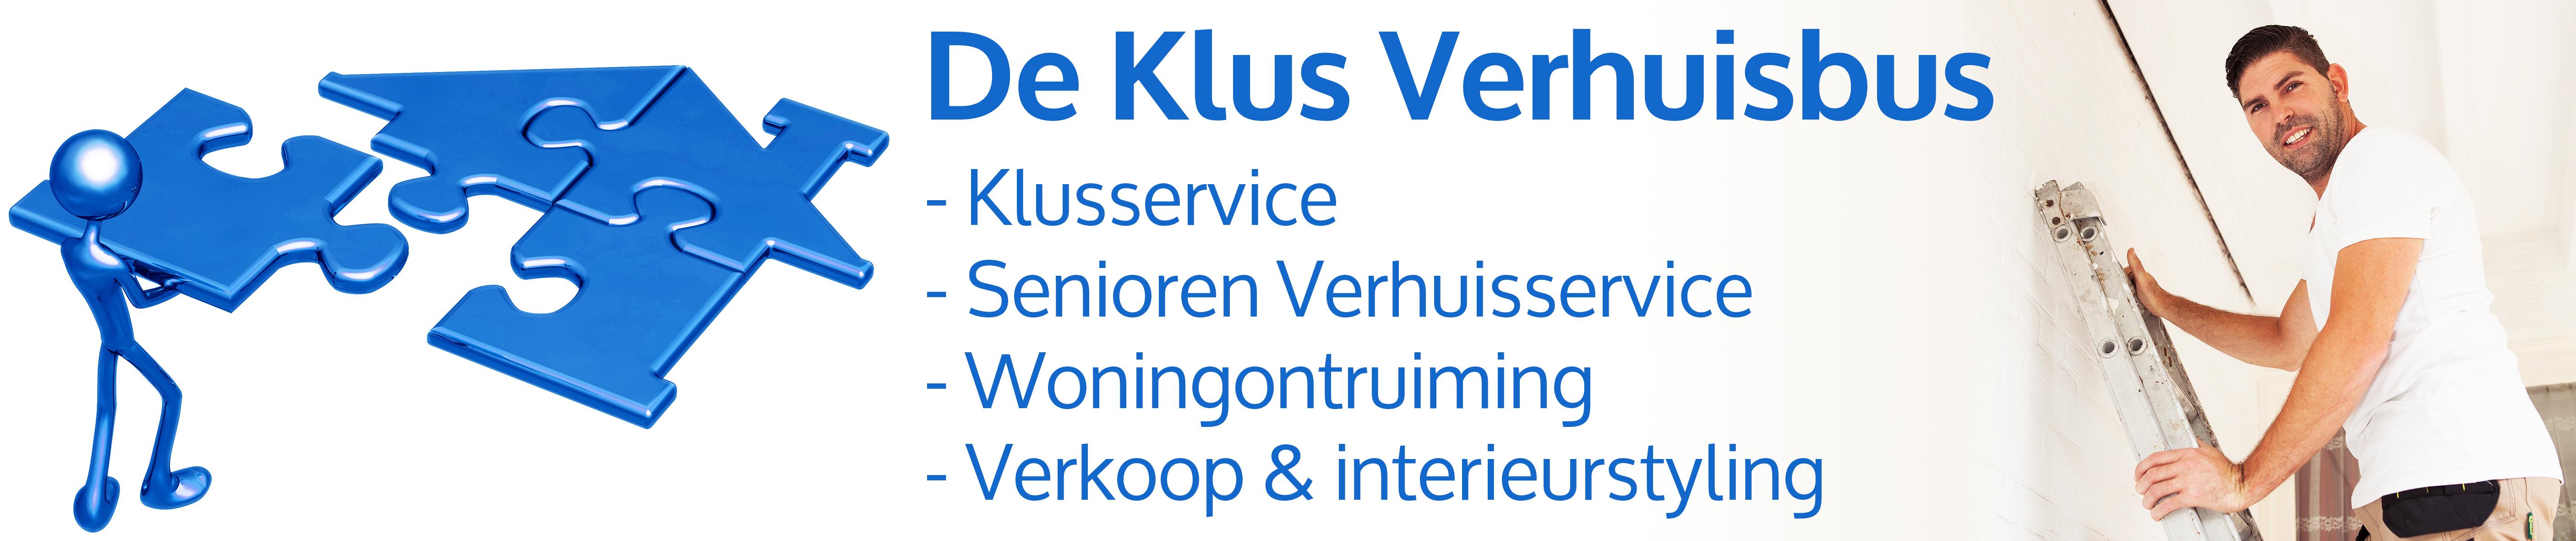 De Klus Verhuisbus Logo